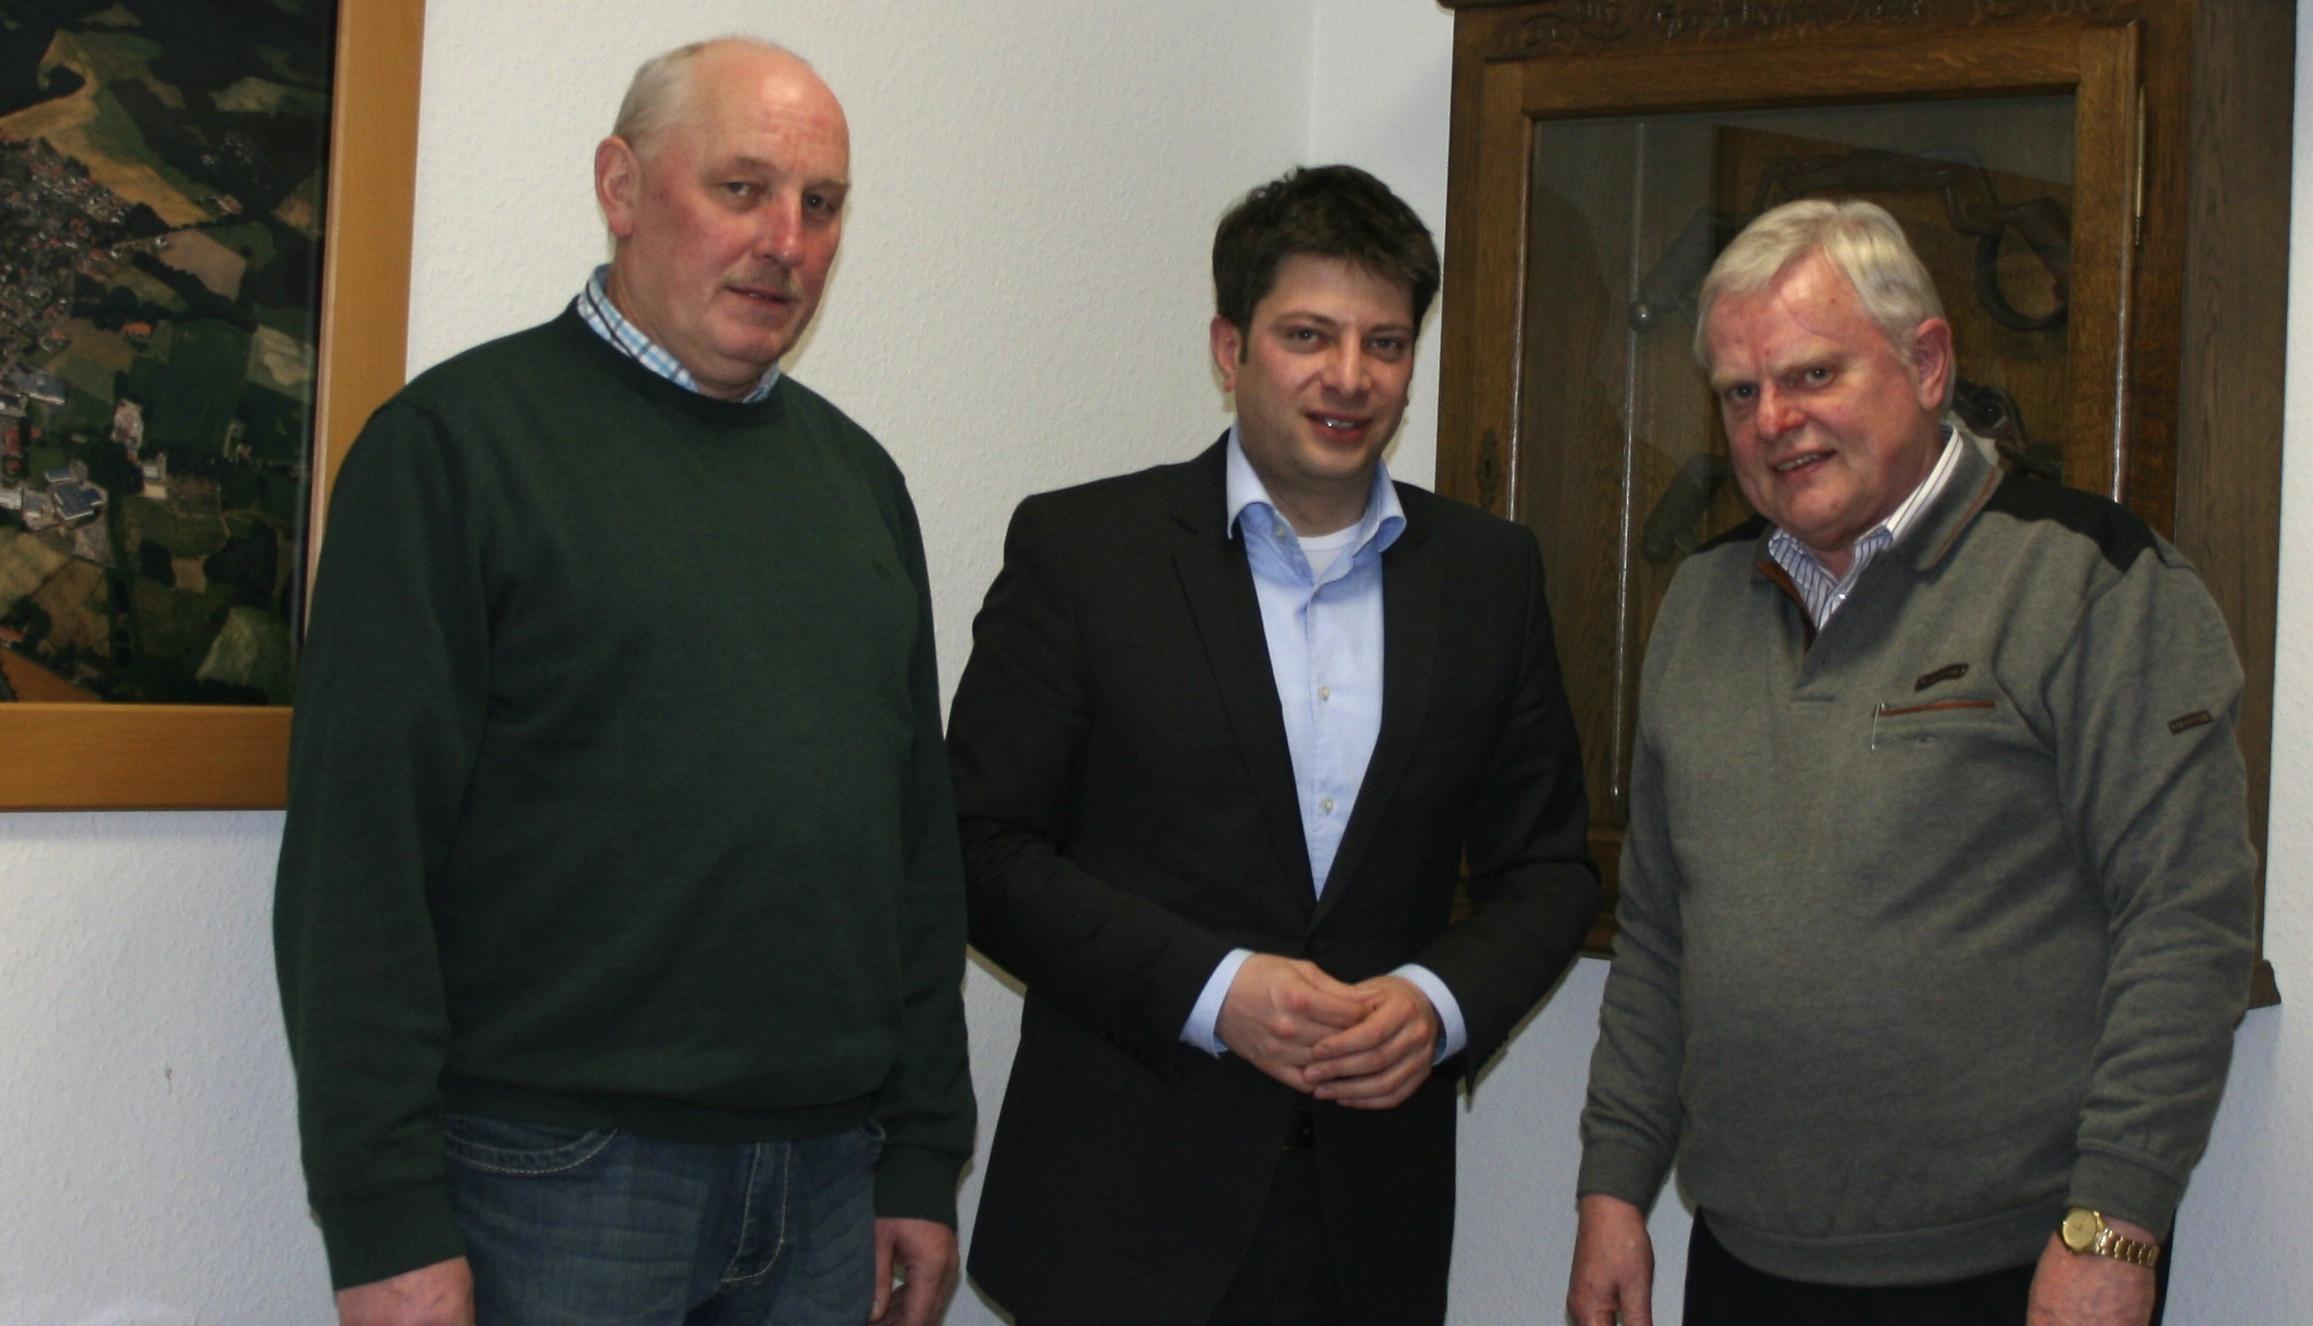 Einen herzlichen Empfang erhielt Christian Calderone auch in der Gemeinde Merzen